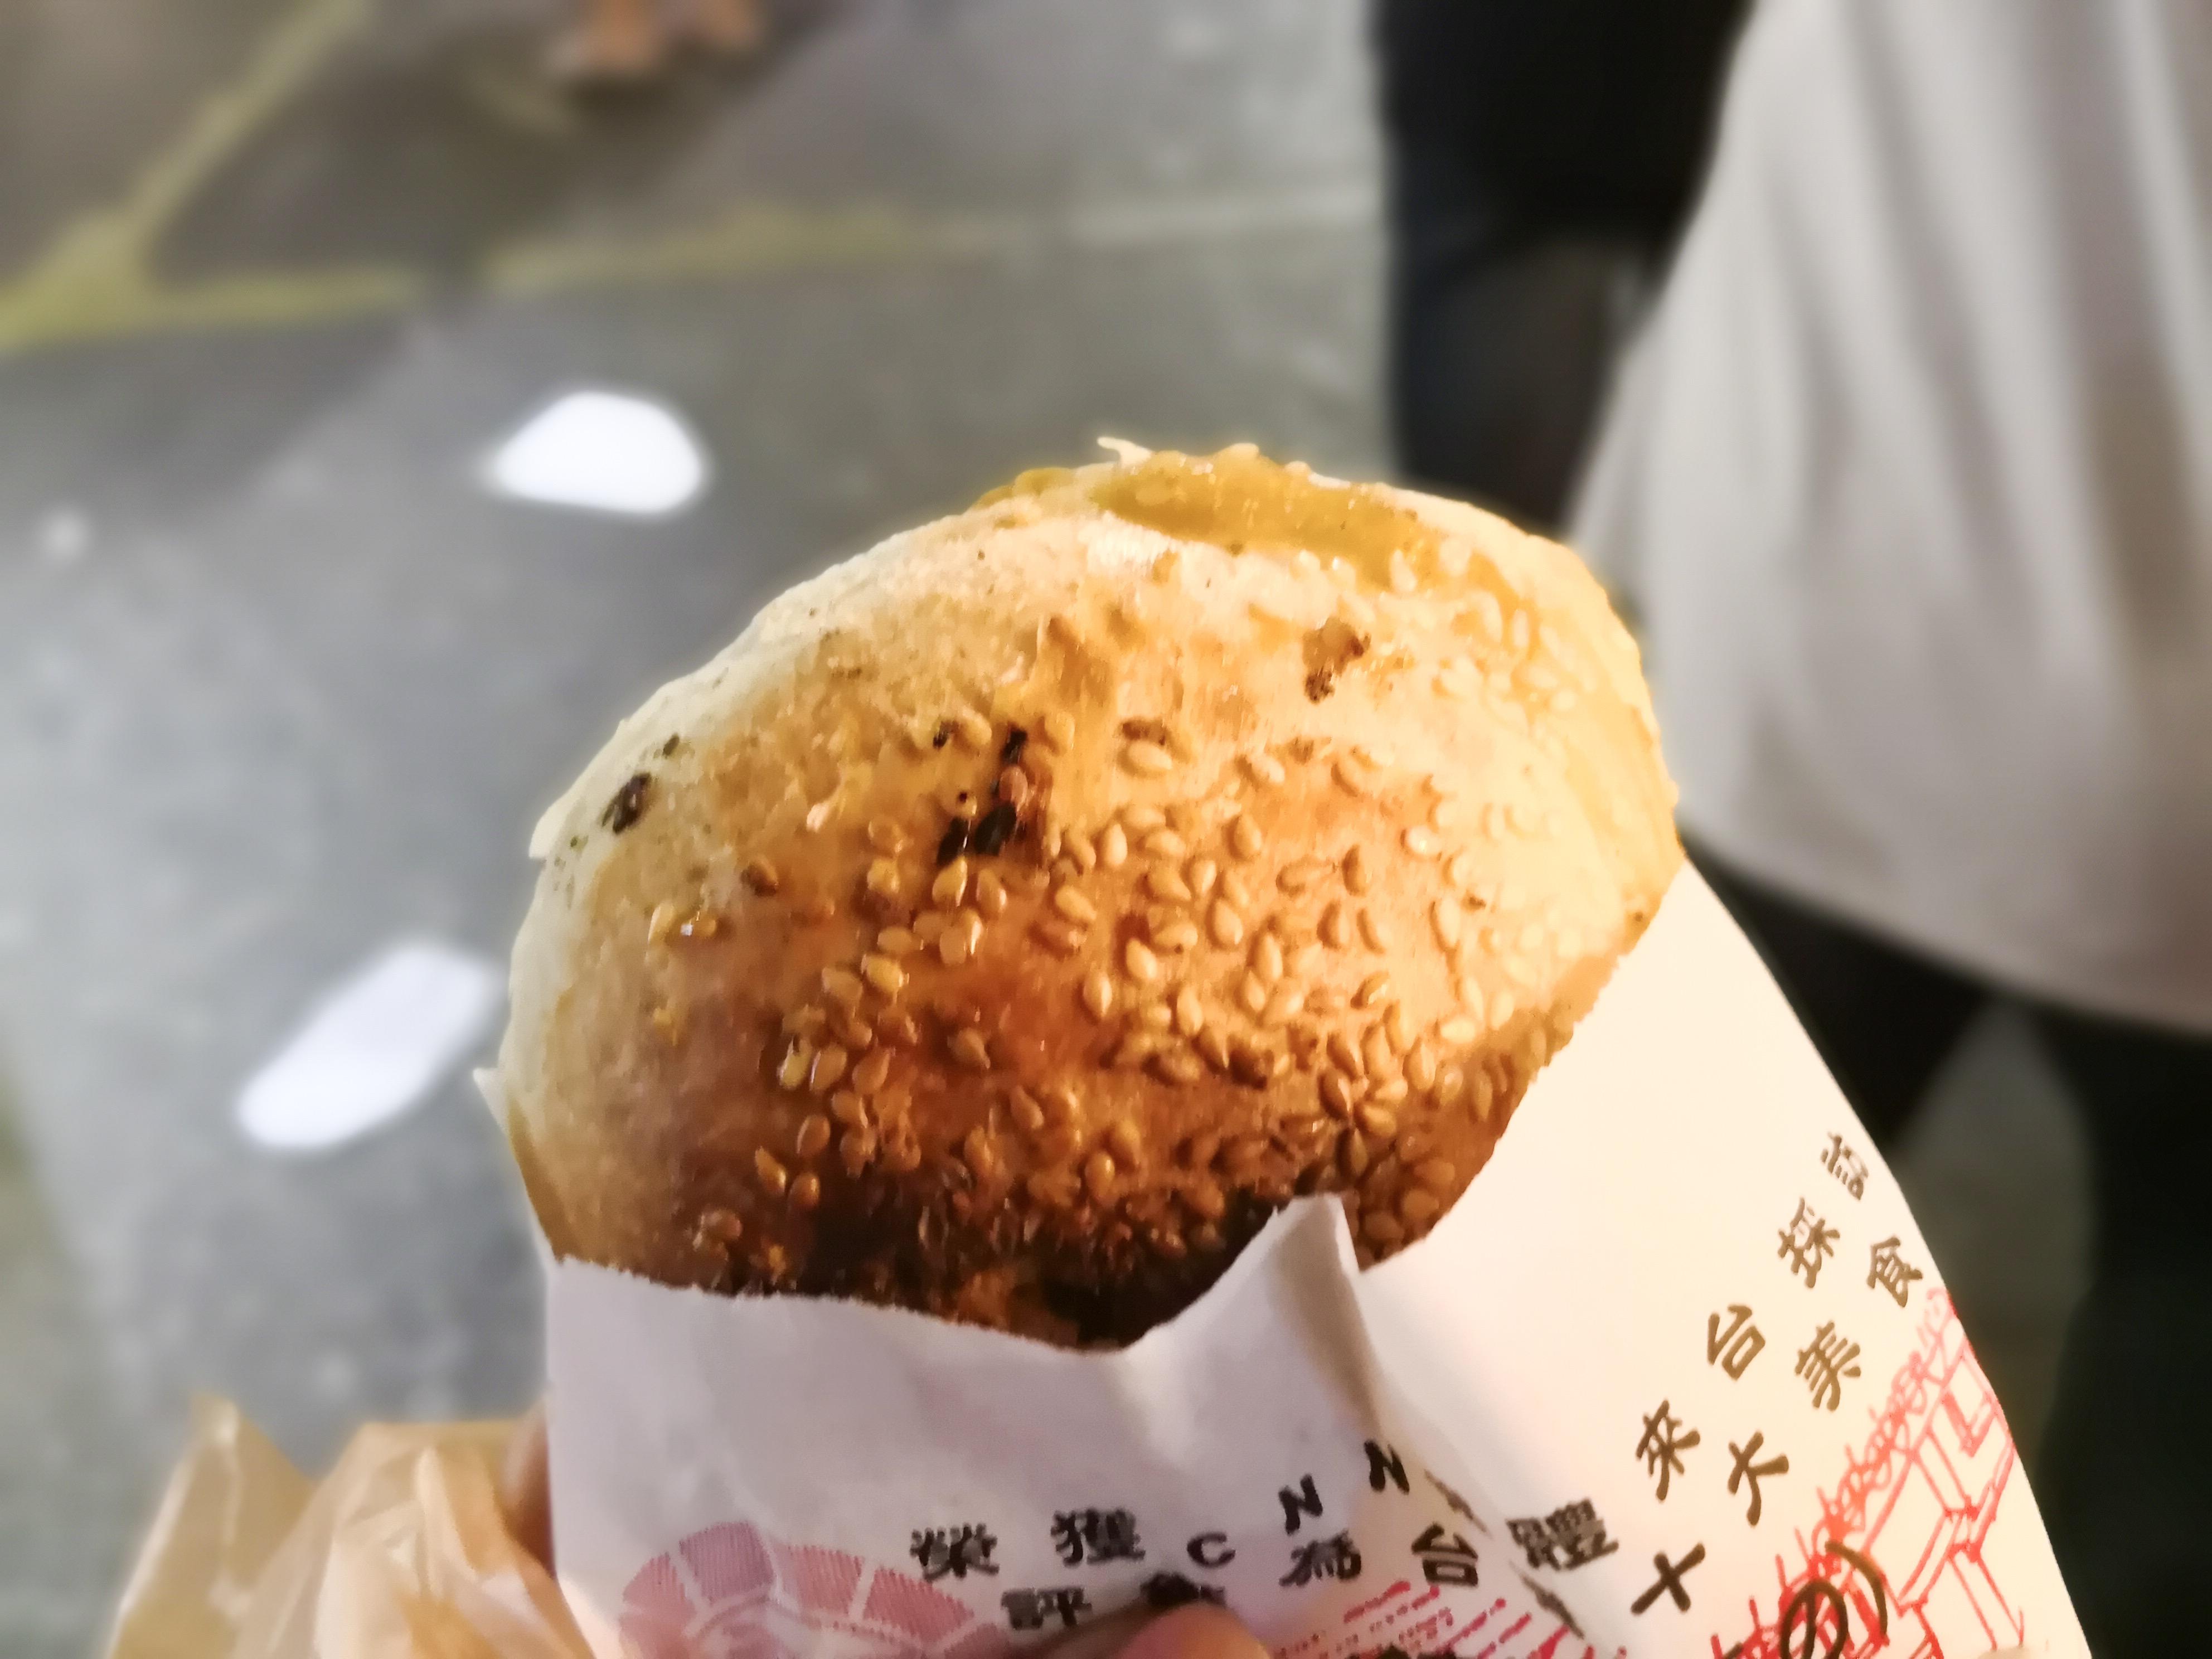 台湾旅行 台湾グルメ食べ歩き士林市場のおすすめ胡椒餅